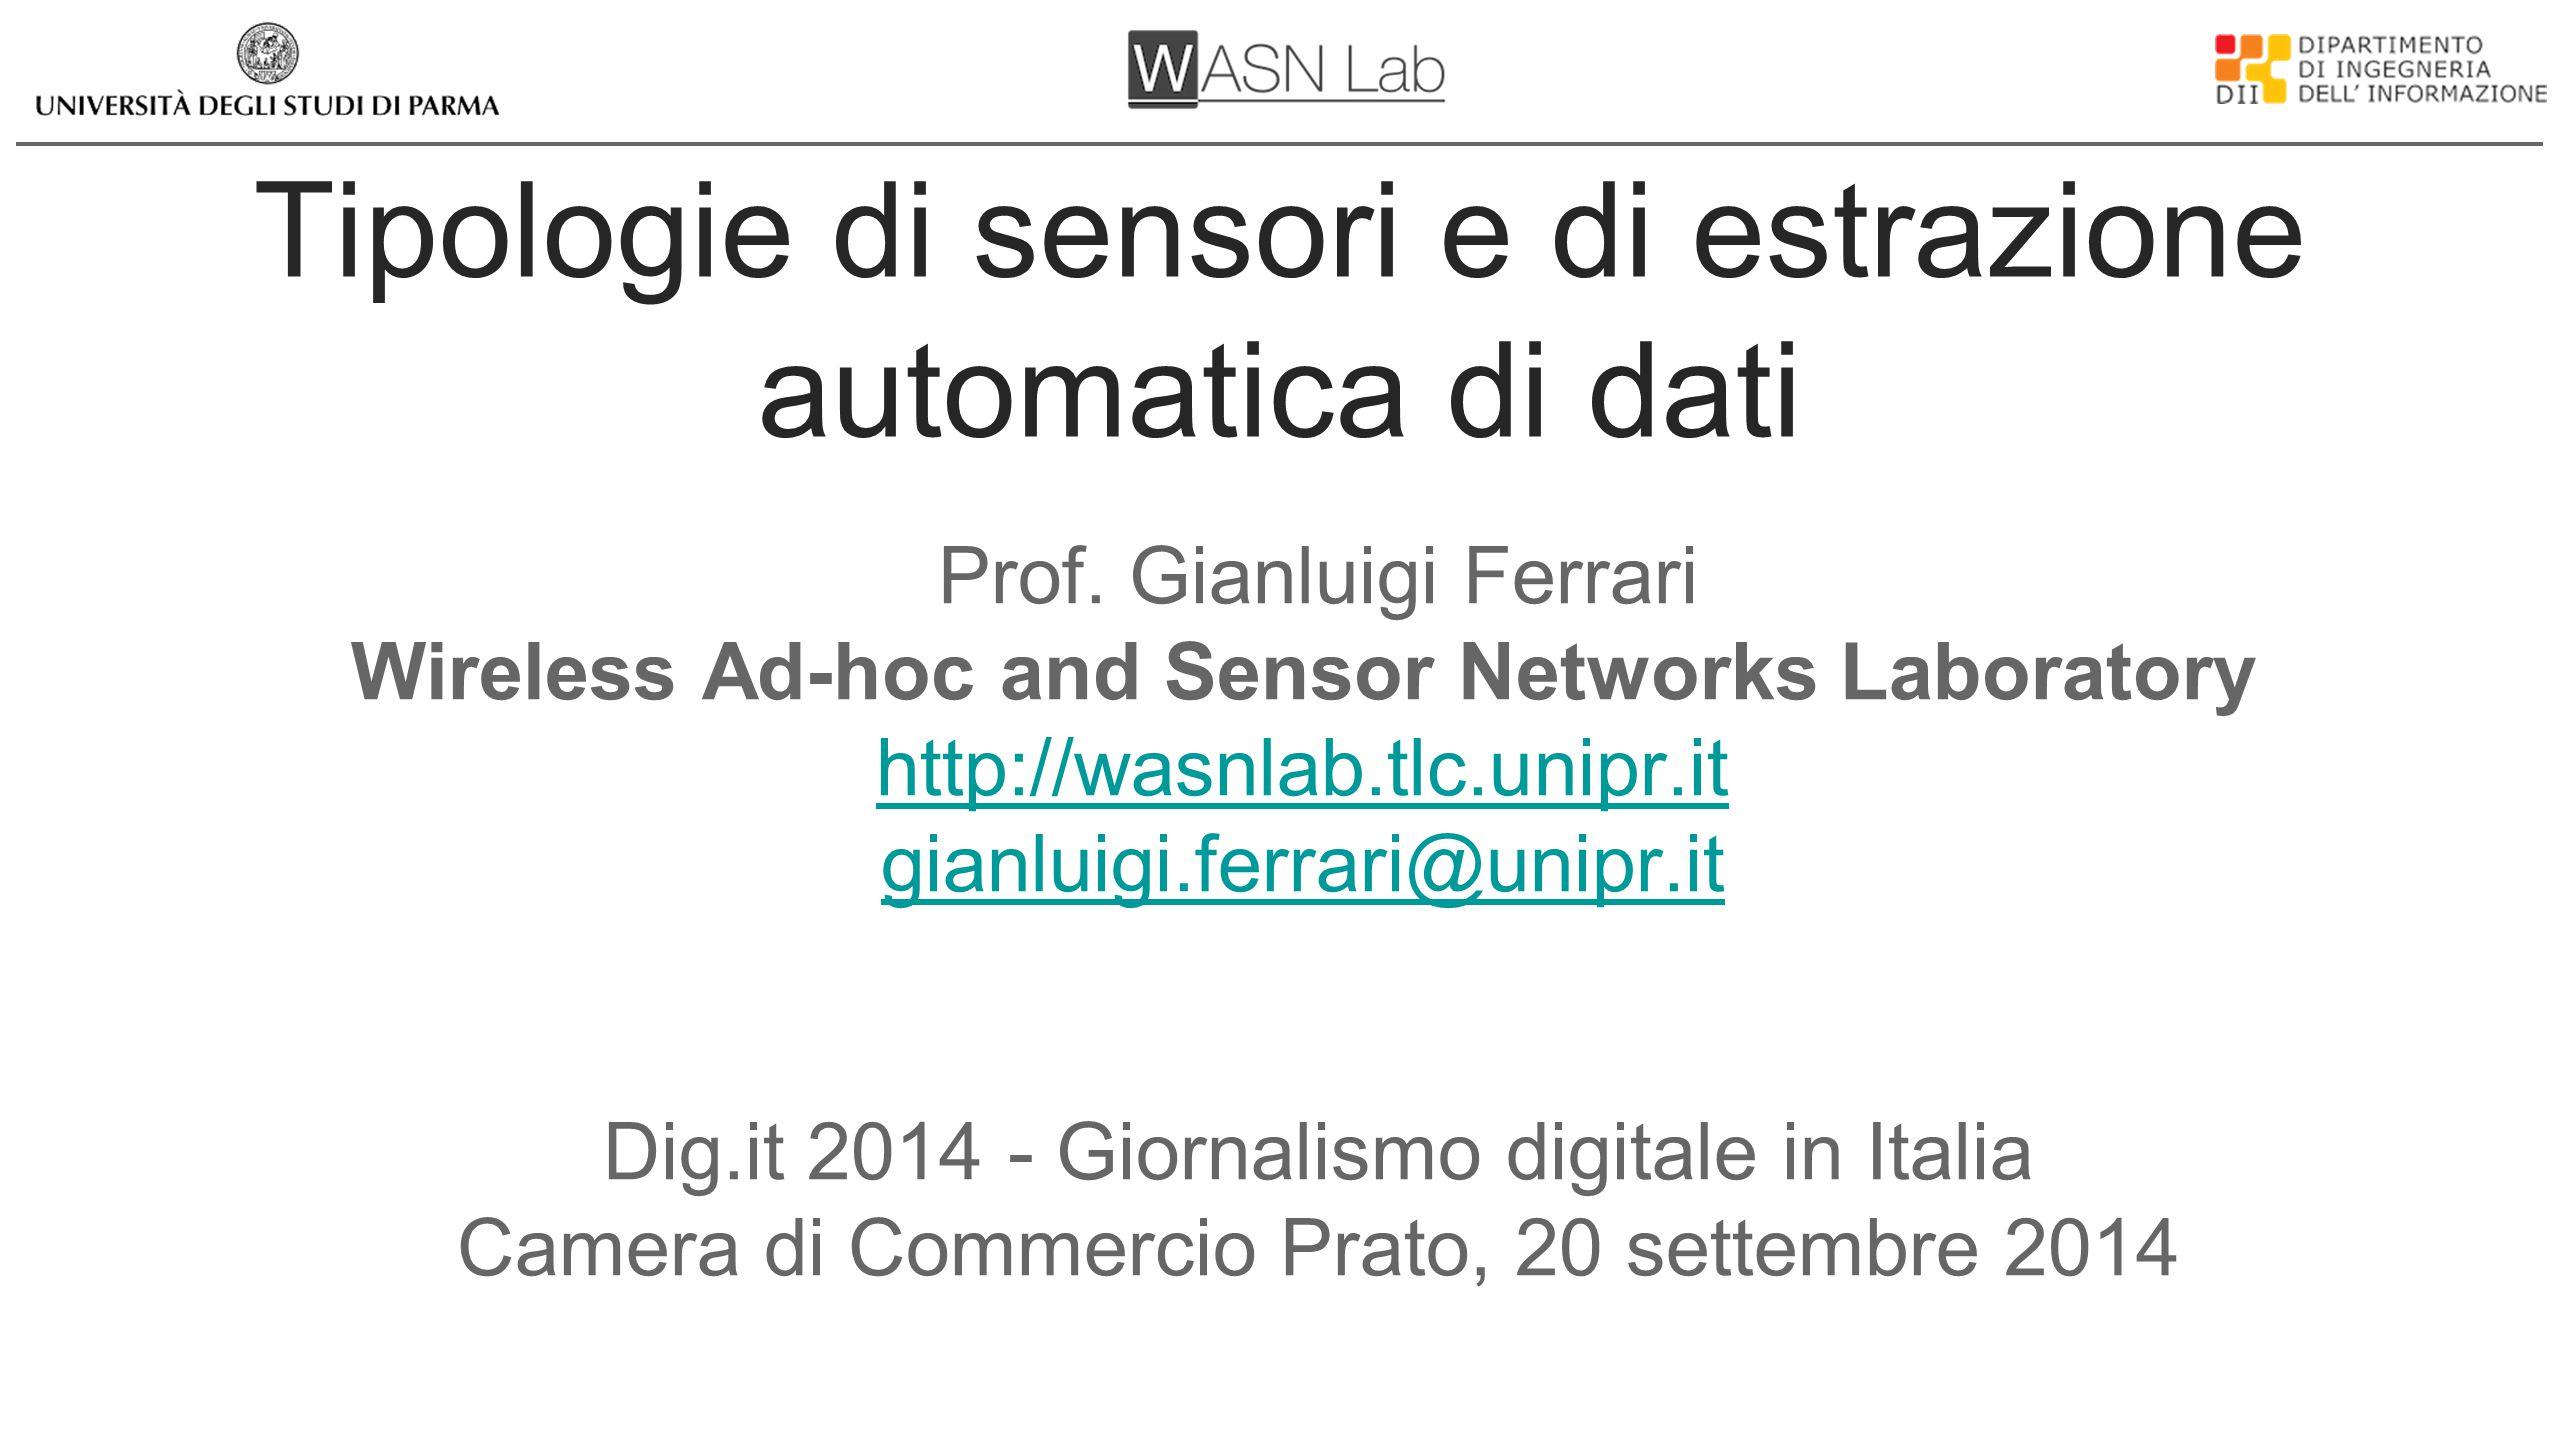 Tipologie di sensori e di estrazione automatica di dati